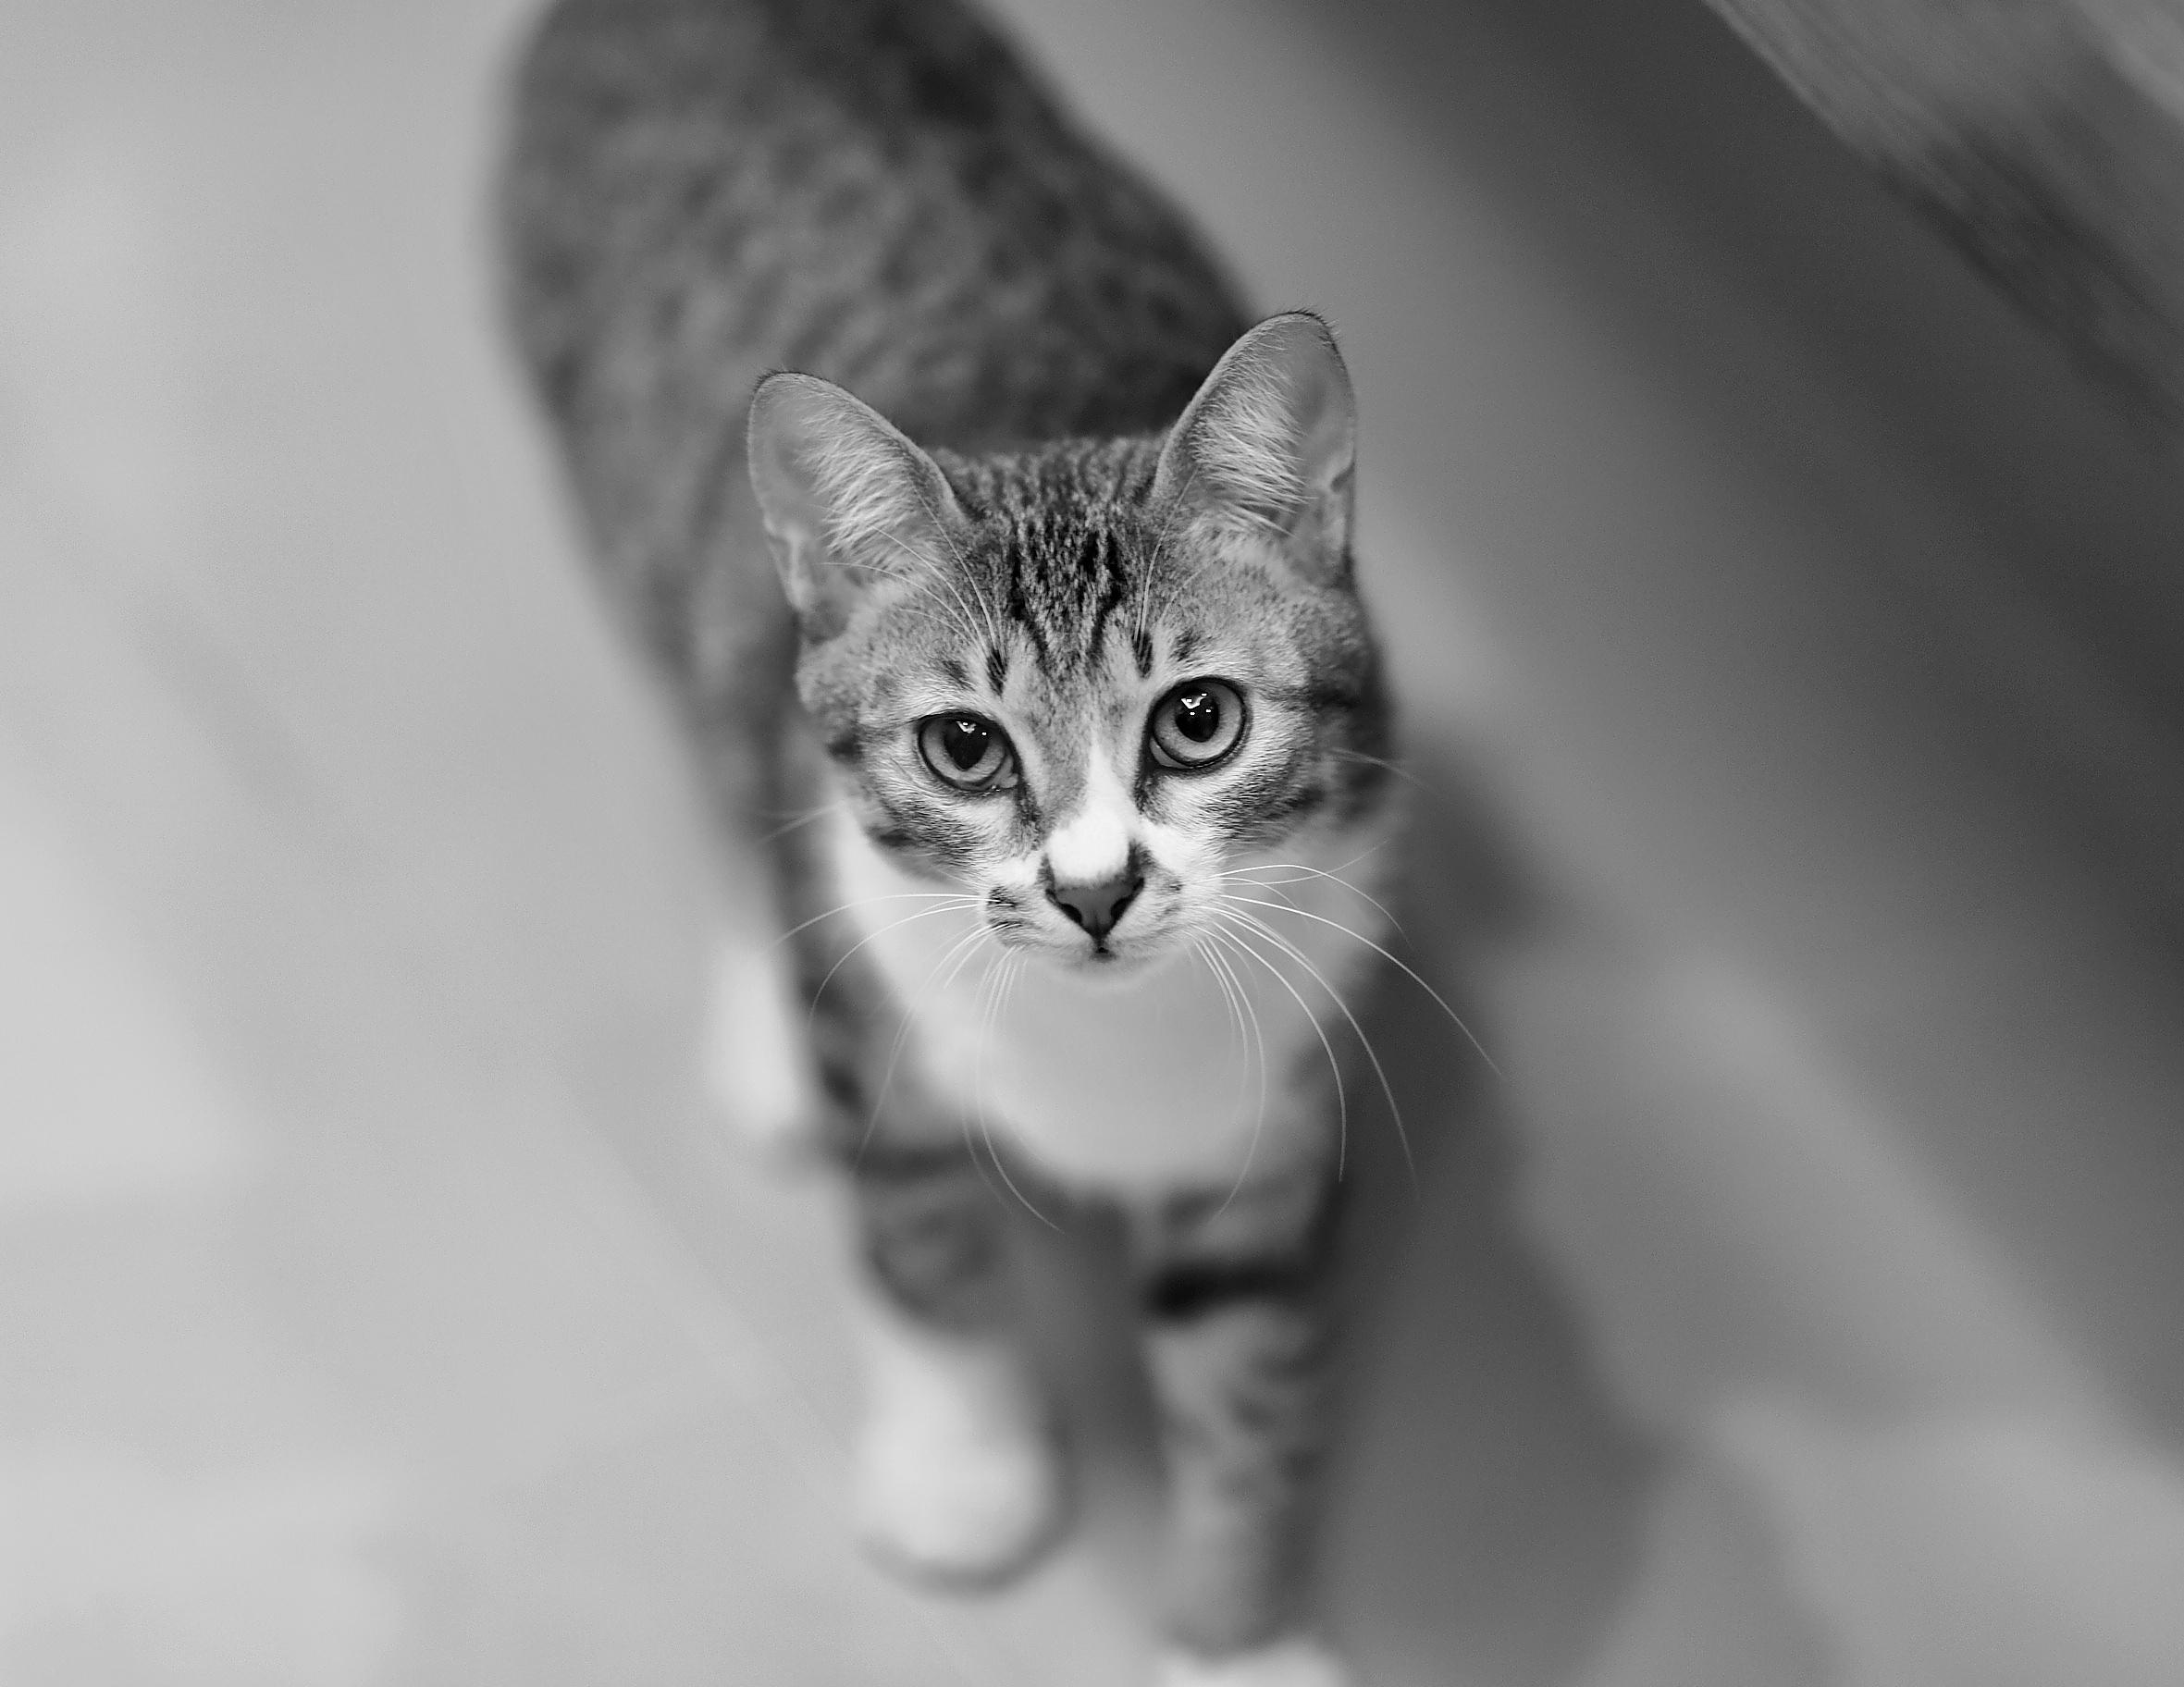 Wallpaper Hd Iphone Cute Grey Tabby Cat 183 Free Stock Photo